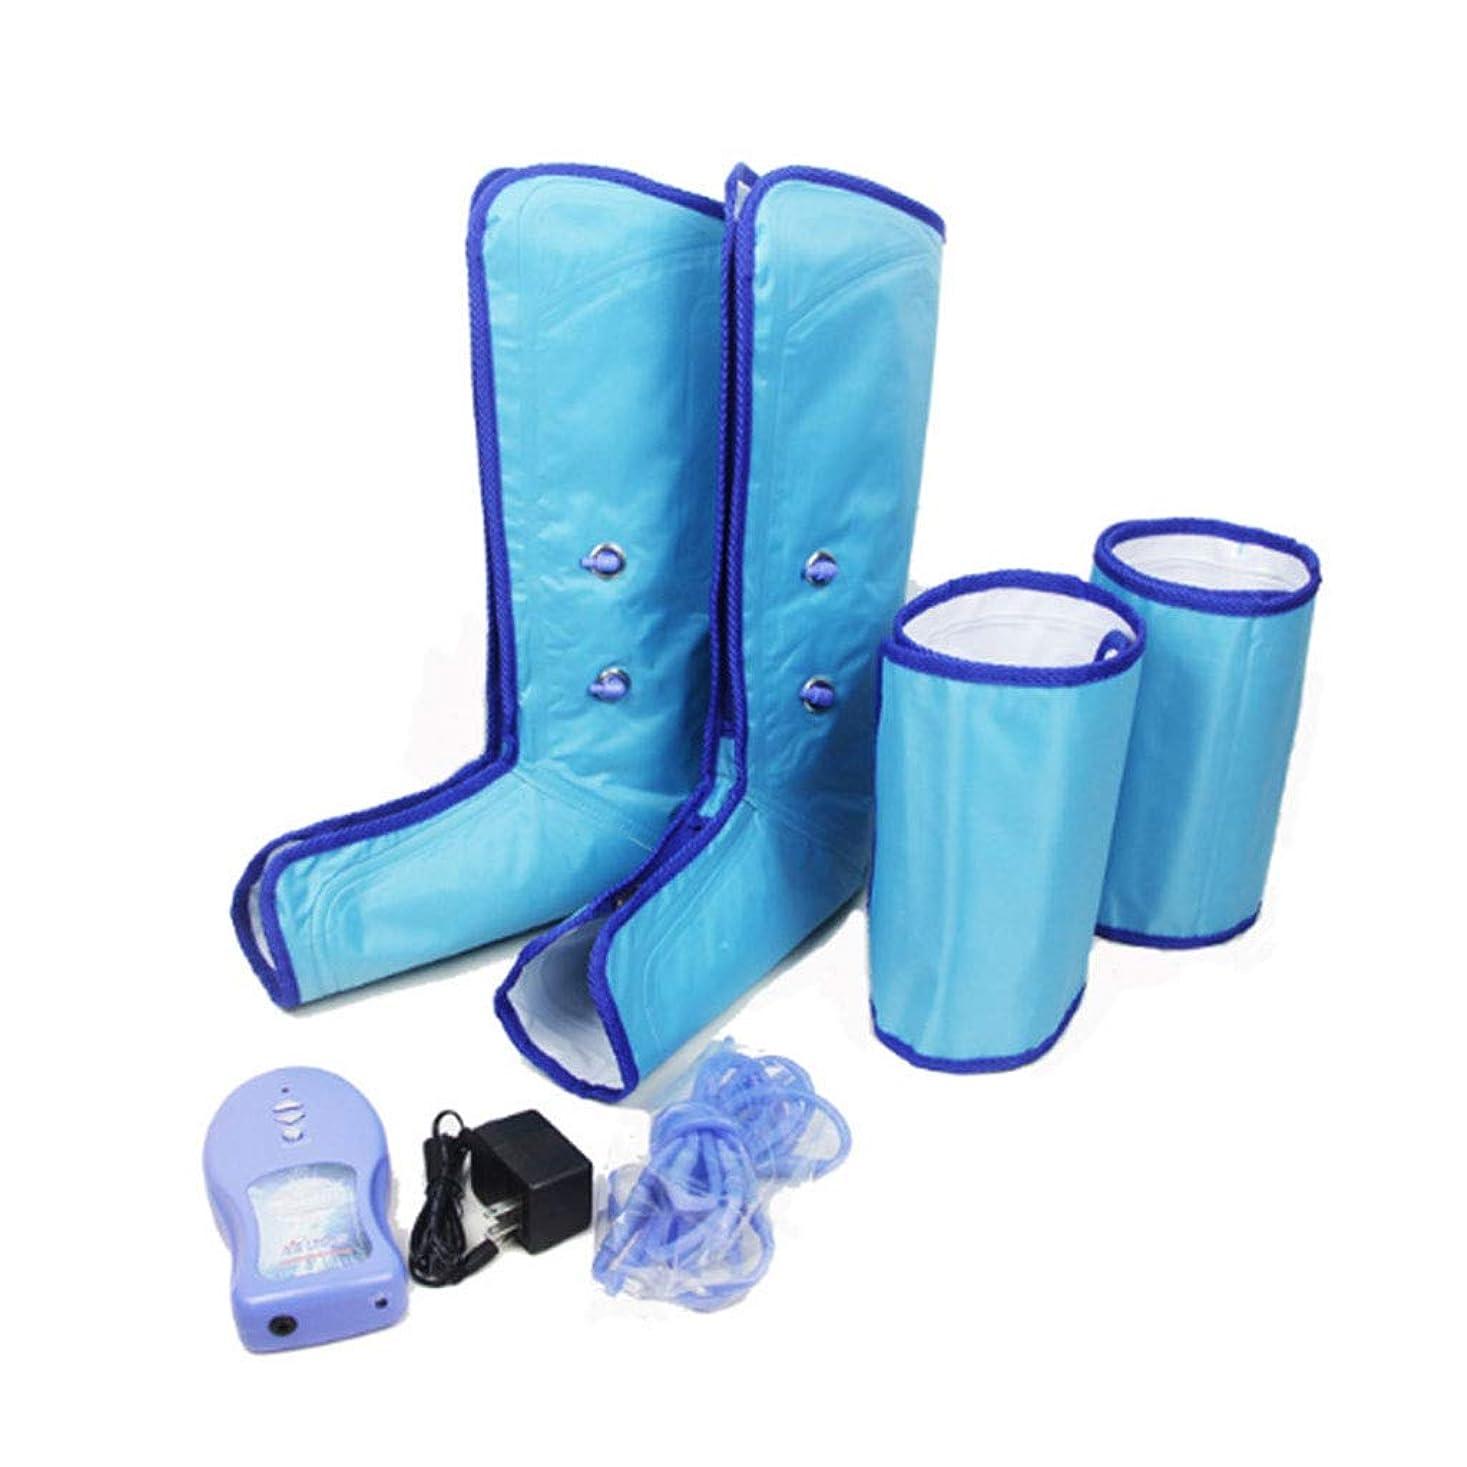 依存うがいチロ循環および筋肉苦痛救助のための空気圧縮の足覆いのマッサージャー、足のふくらはぎおよび腿の循環のMassagetherapyの足の暖かい人